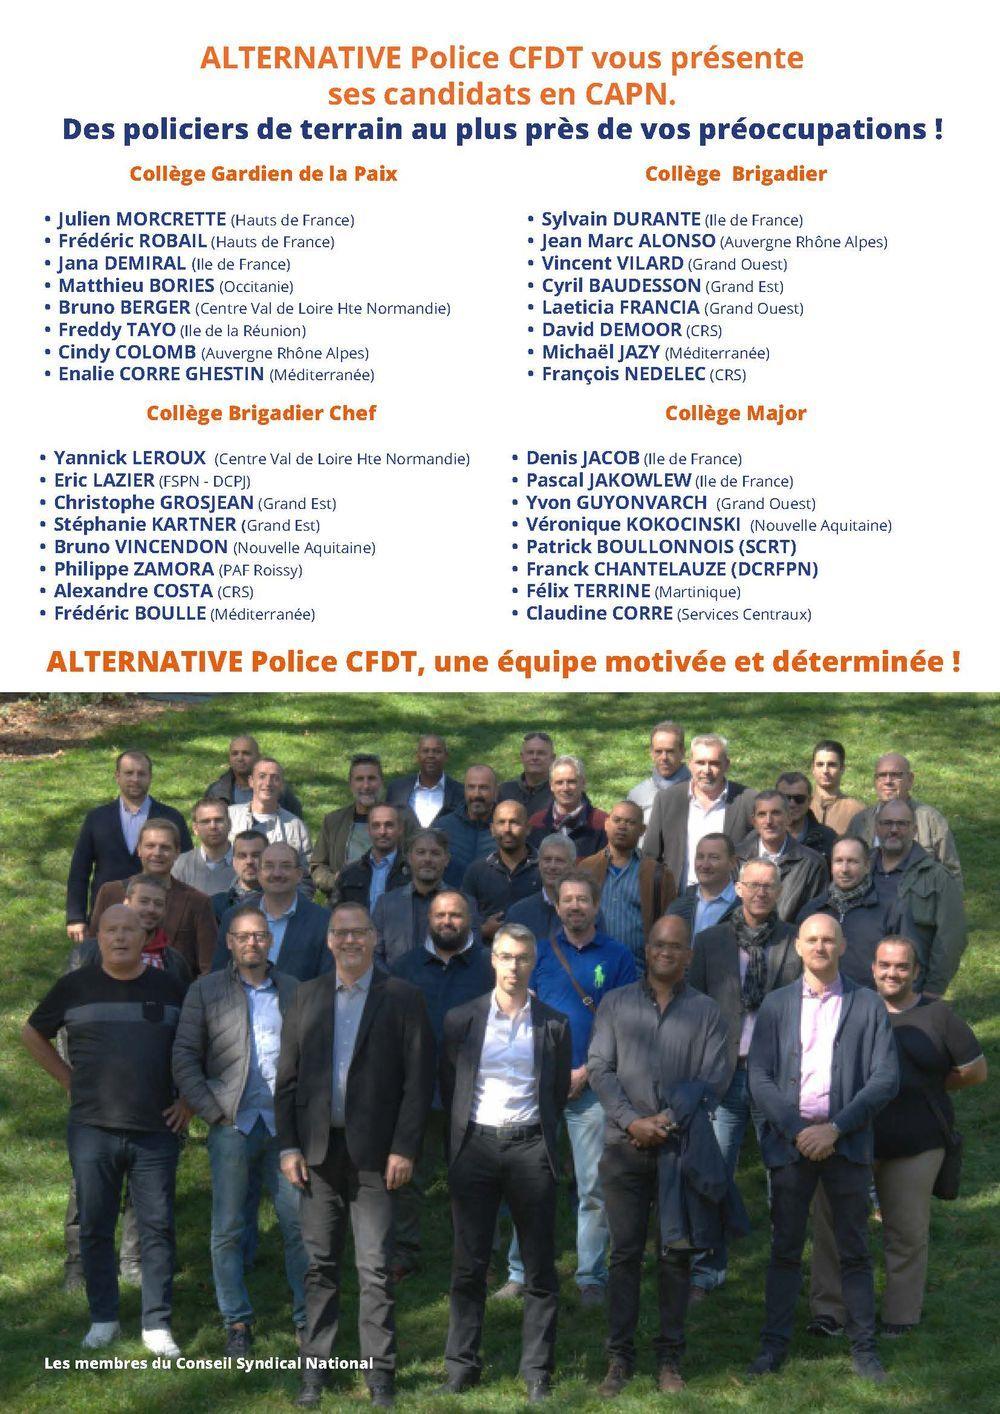 Elections professionnelles : nos candidats à la CAPN